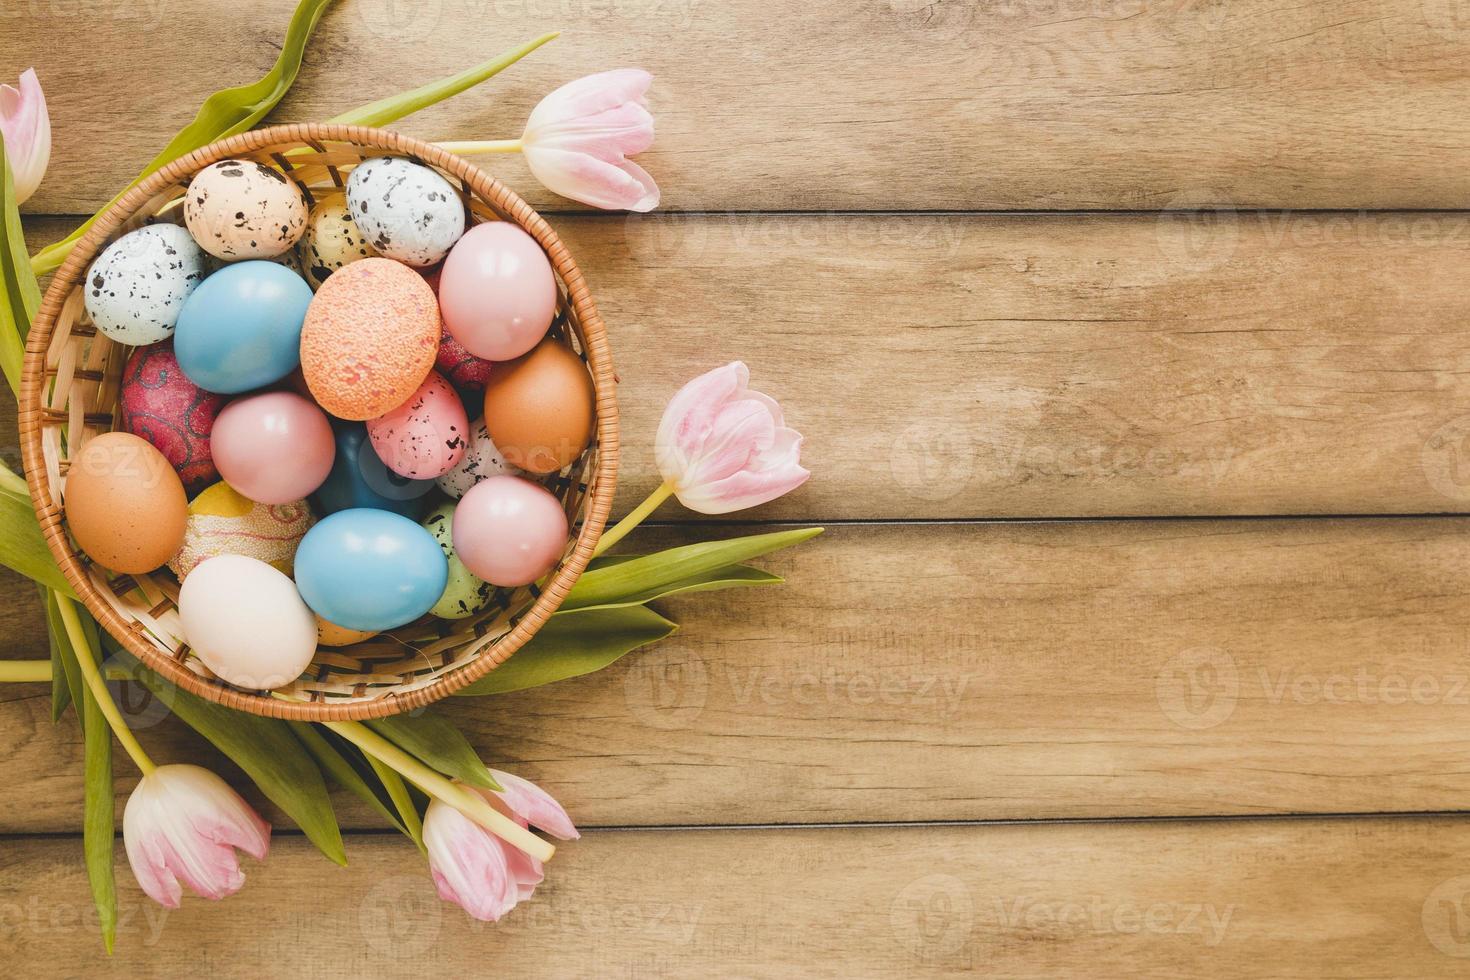 tulipas em volta de uma tigela com ovos foto